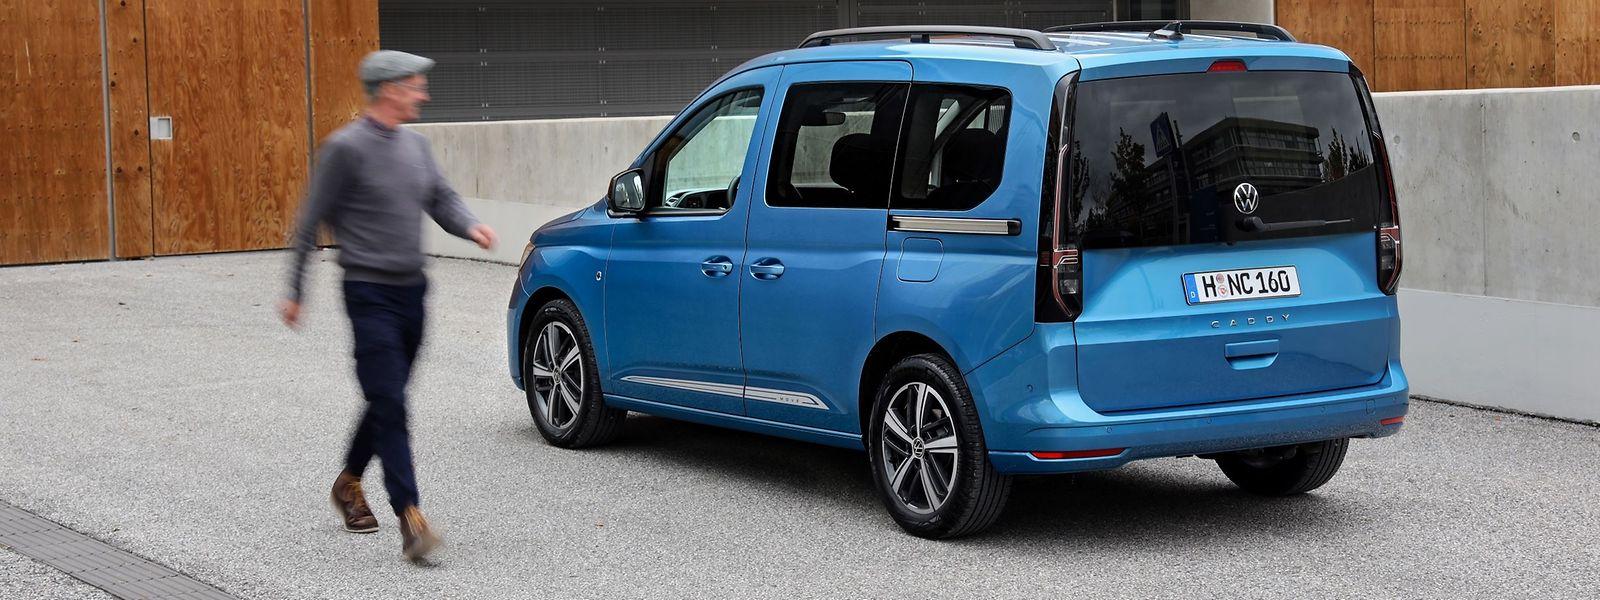 Neuer Look und noch flexibler als der Vorgänger: Sowohl im privaten wie im beruflichen Gebrauch leistet der VW Caddy gute Dienste.